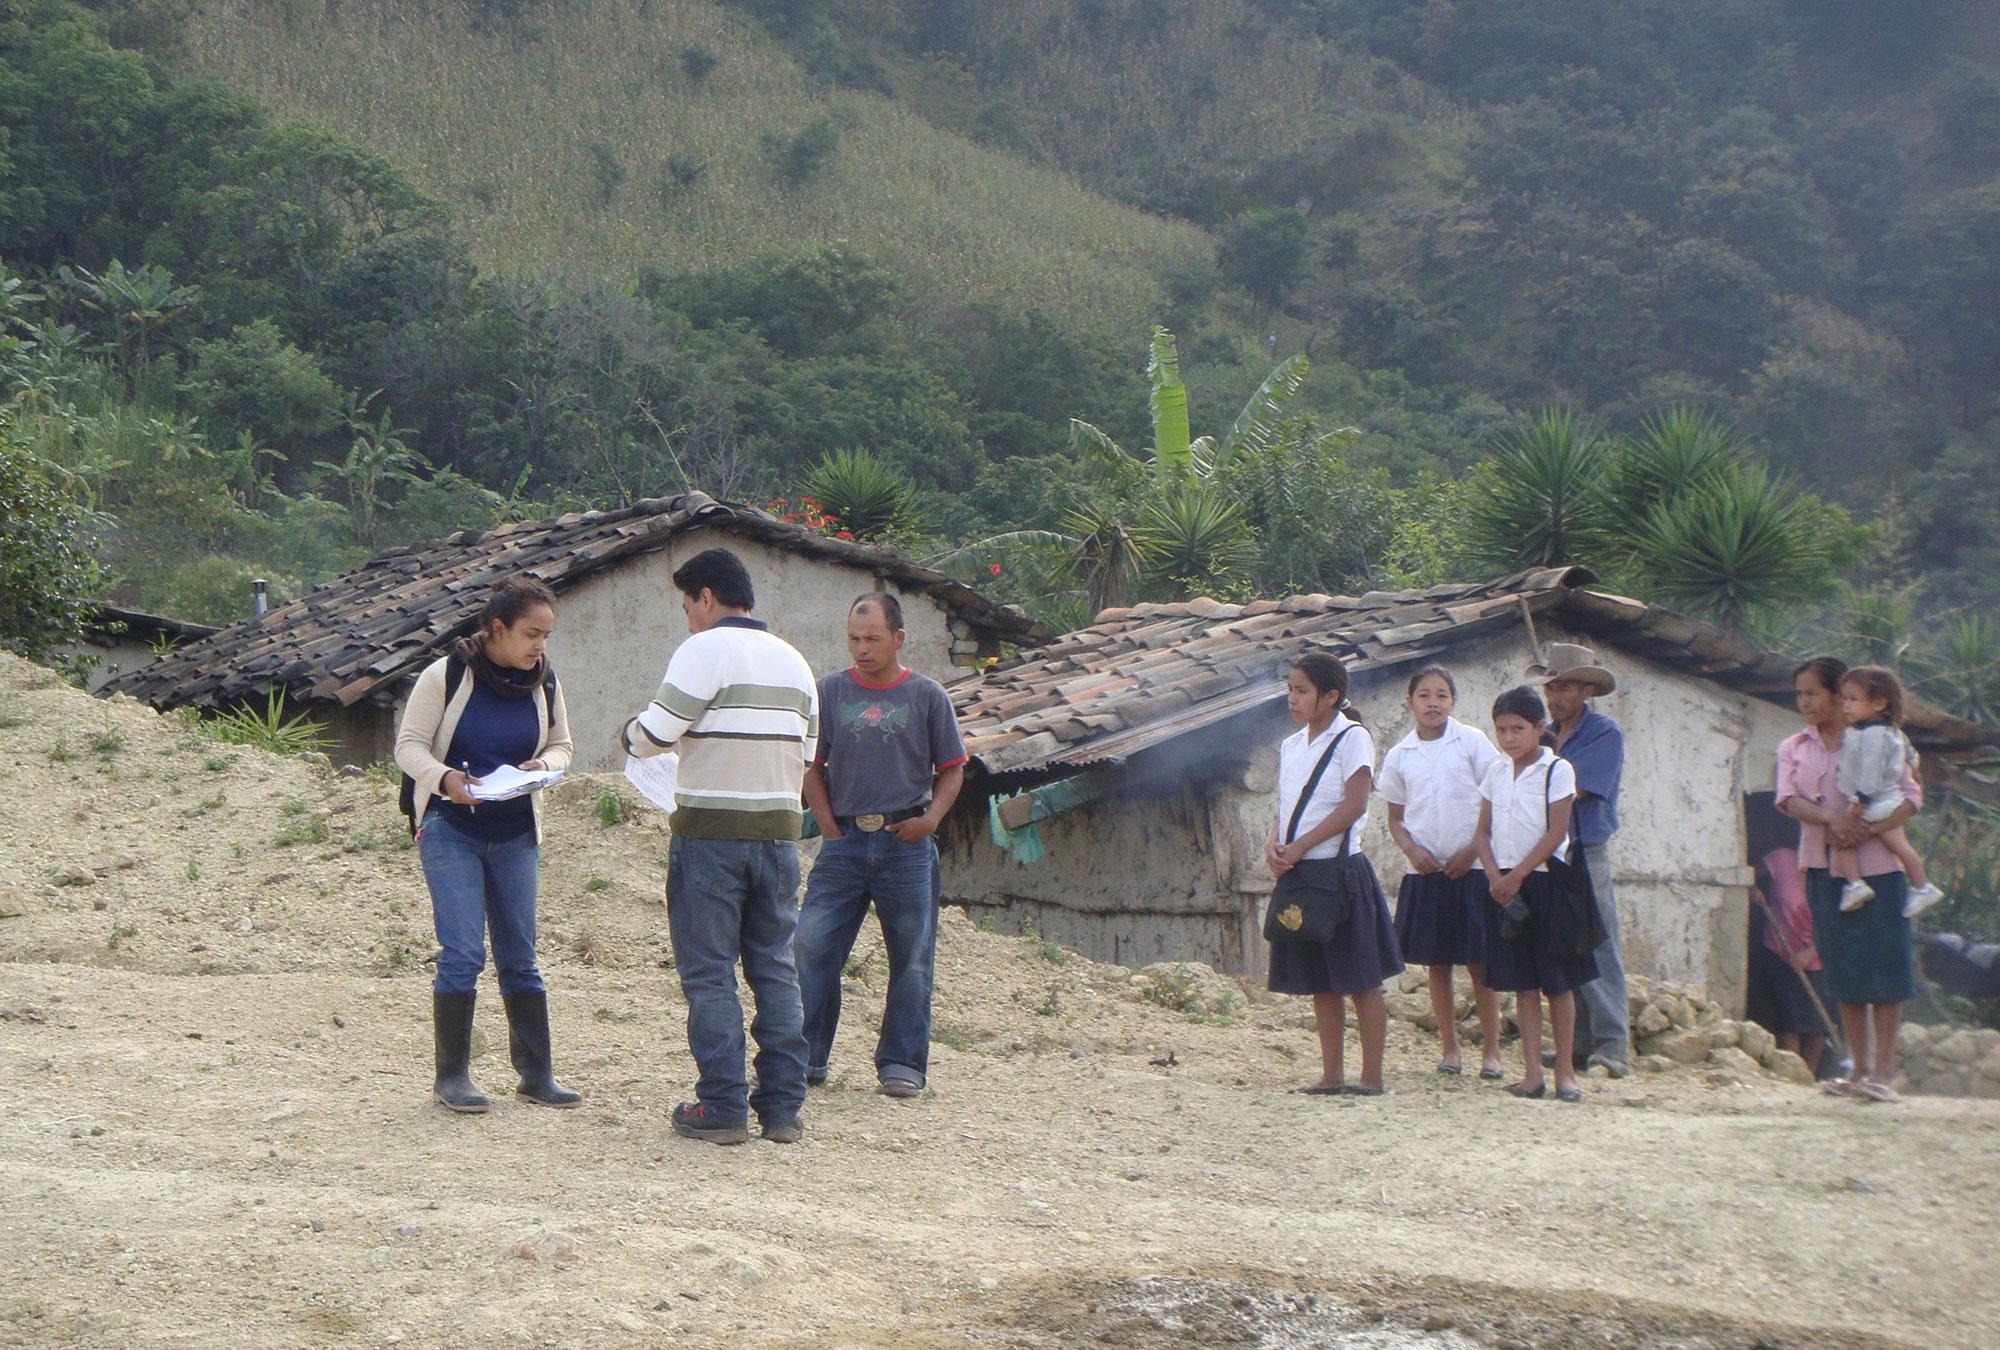 Villagers gather around a survey team in Lempira, Honduras.